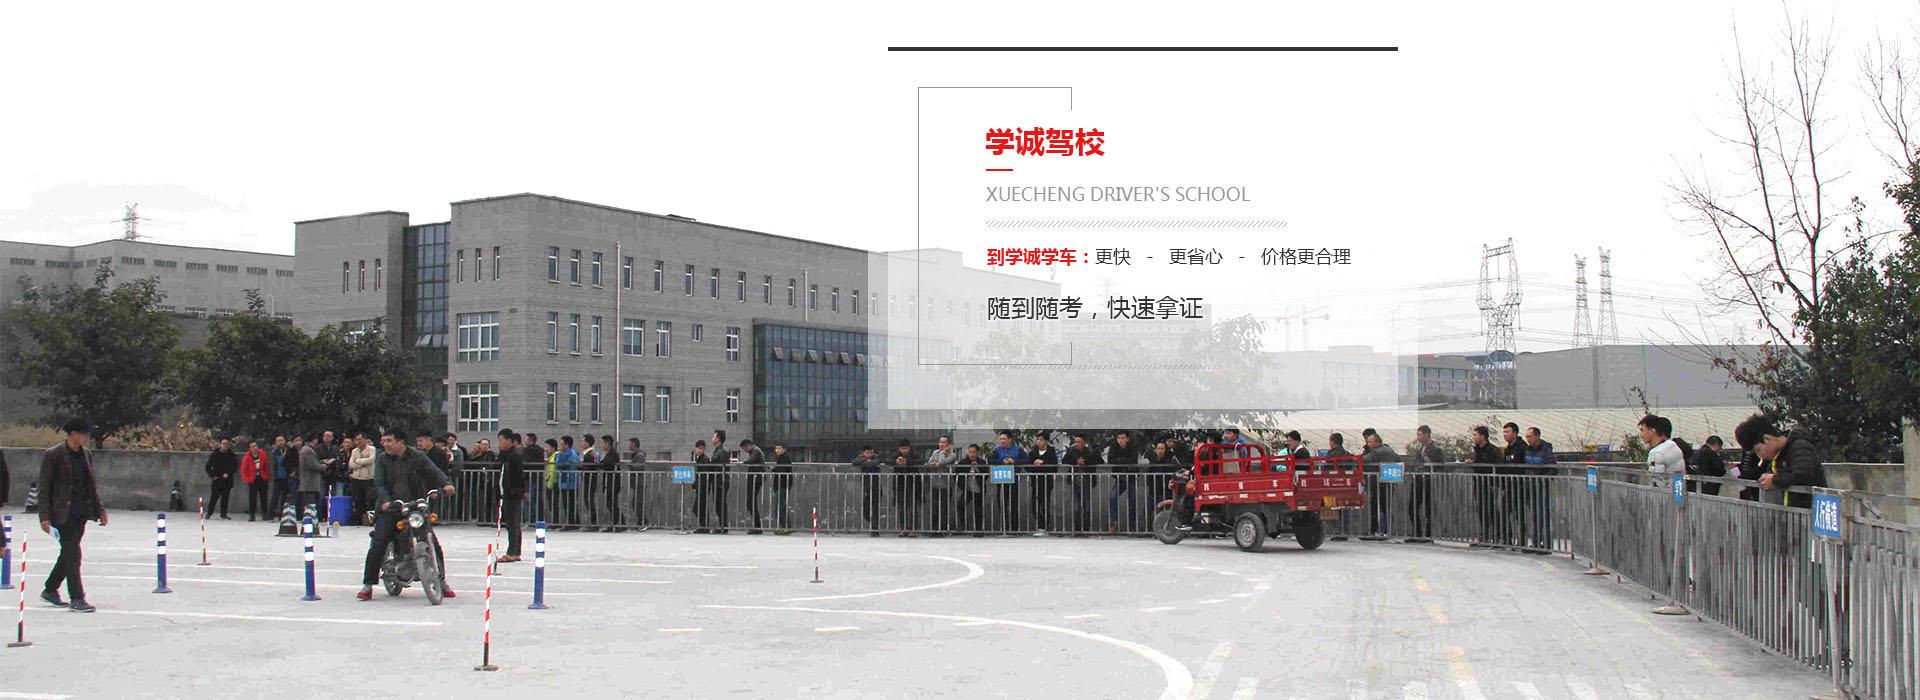 重庆摩托车驾照培训